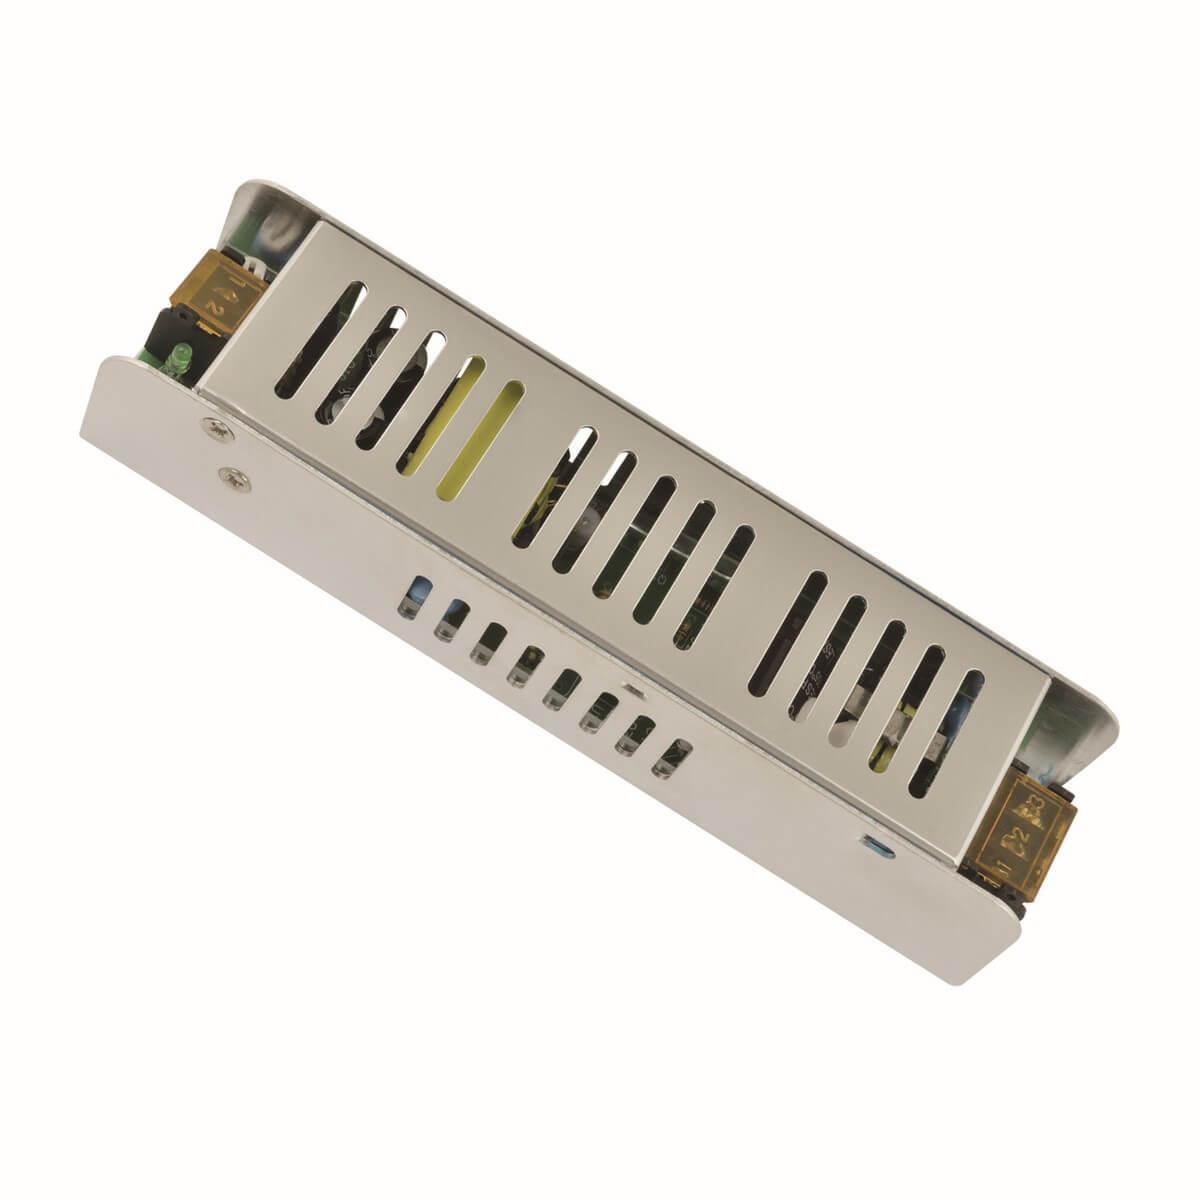 Блок питания (UL-00002428) Uniel UET-VAS-060A20 12V IP20 блок питания ul 00002433 uniel uet vas 200b20